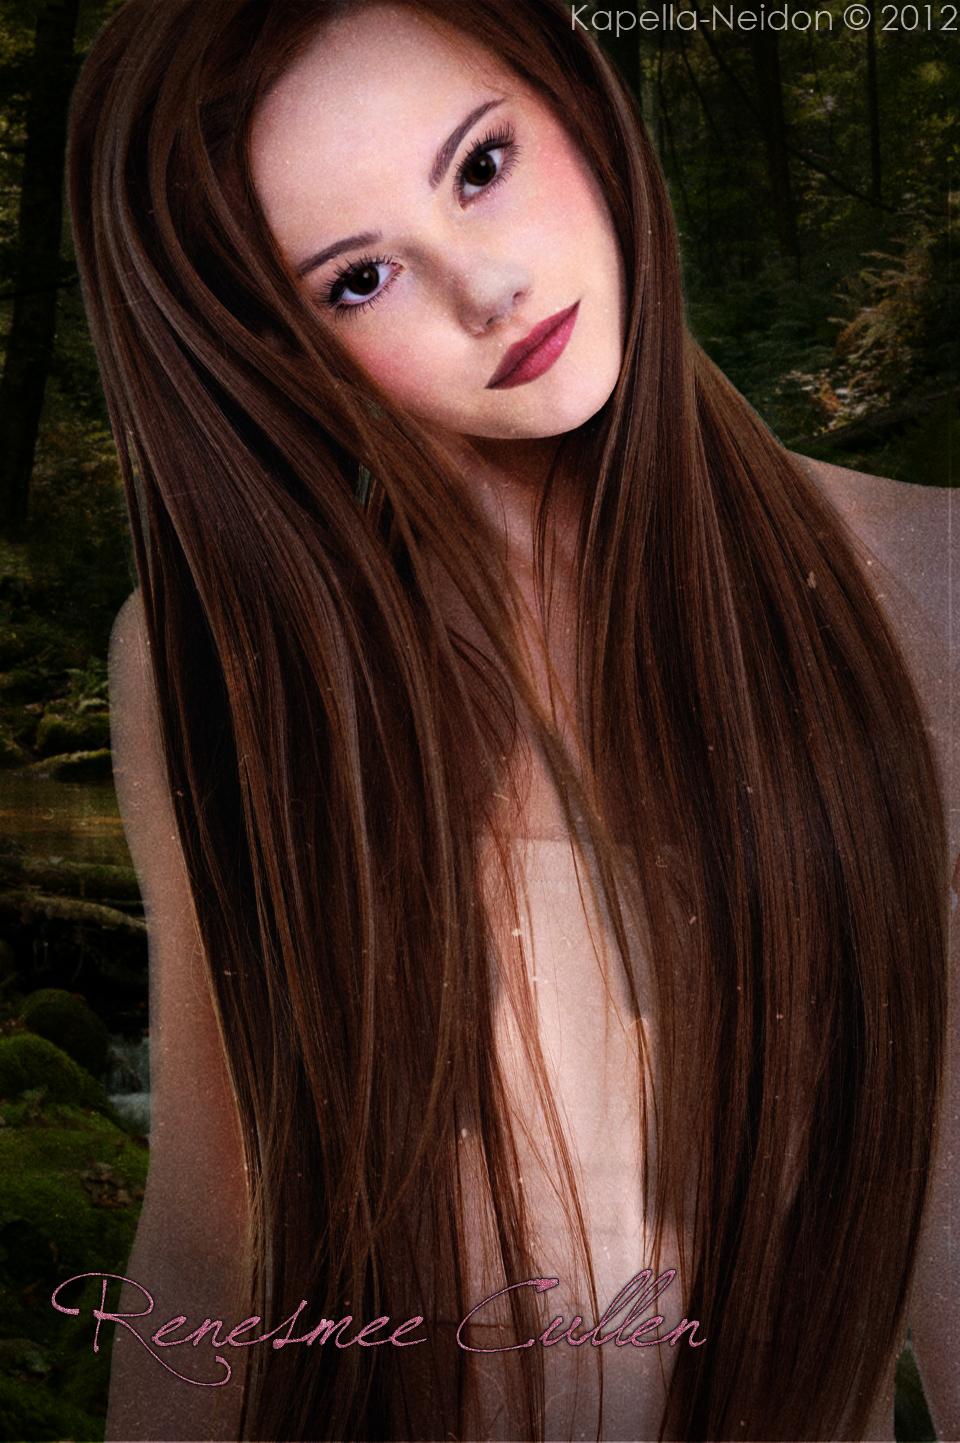 Renesmee Cullen by YlianaKapella-Neidon on DeviantArt